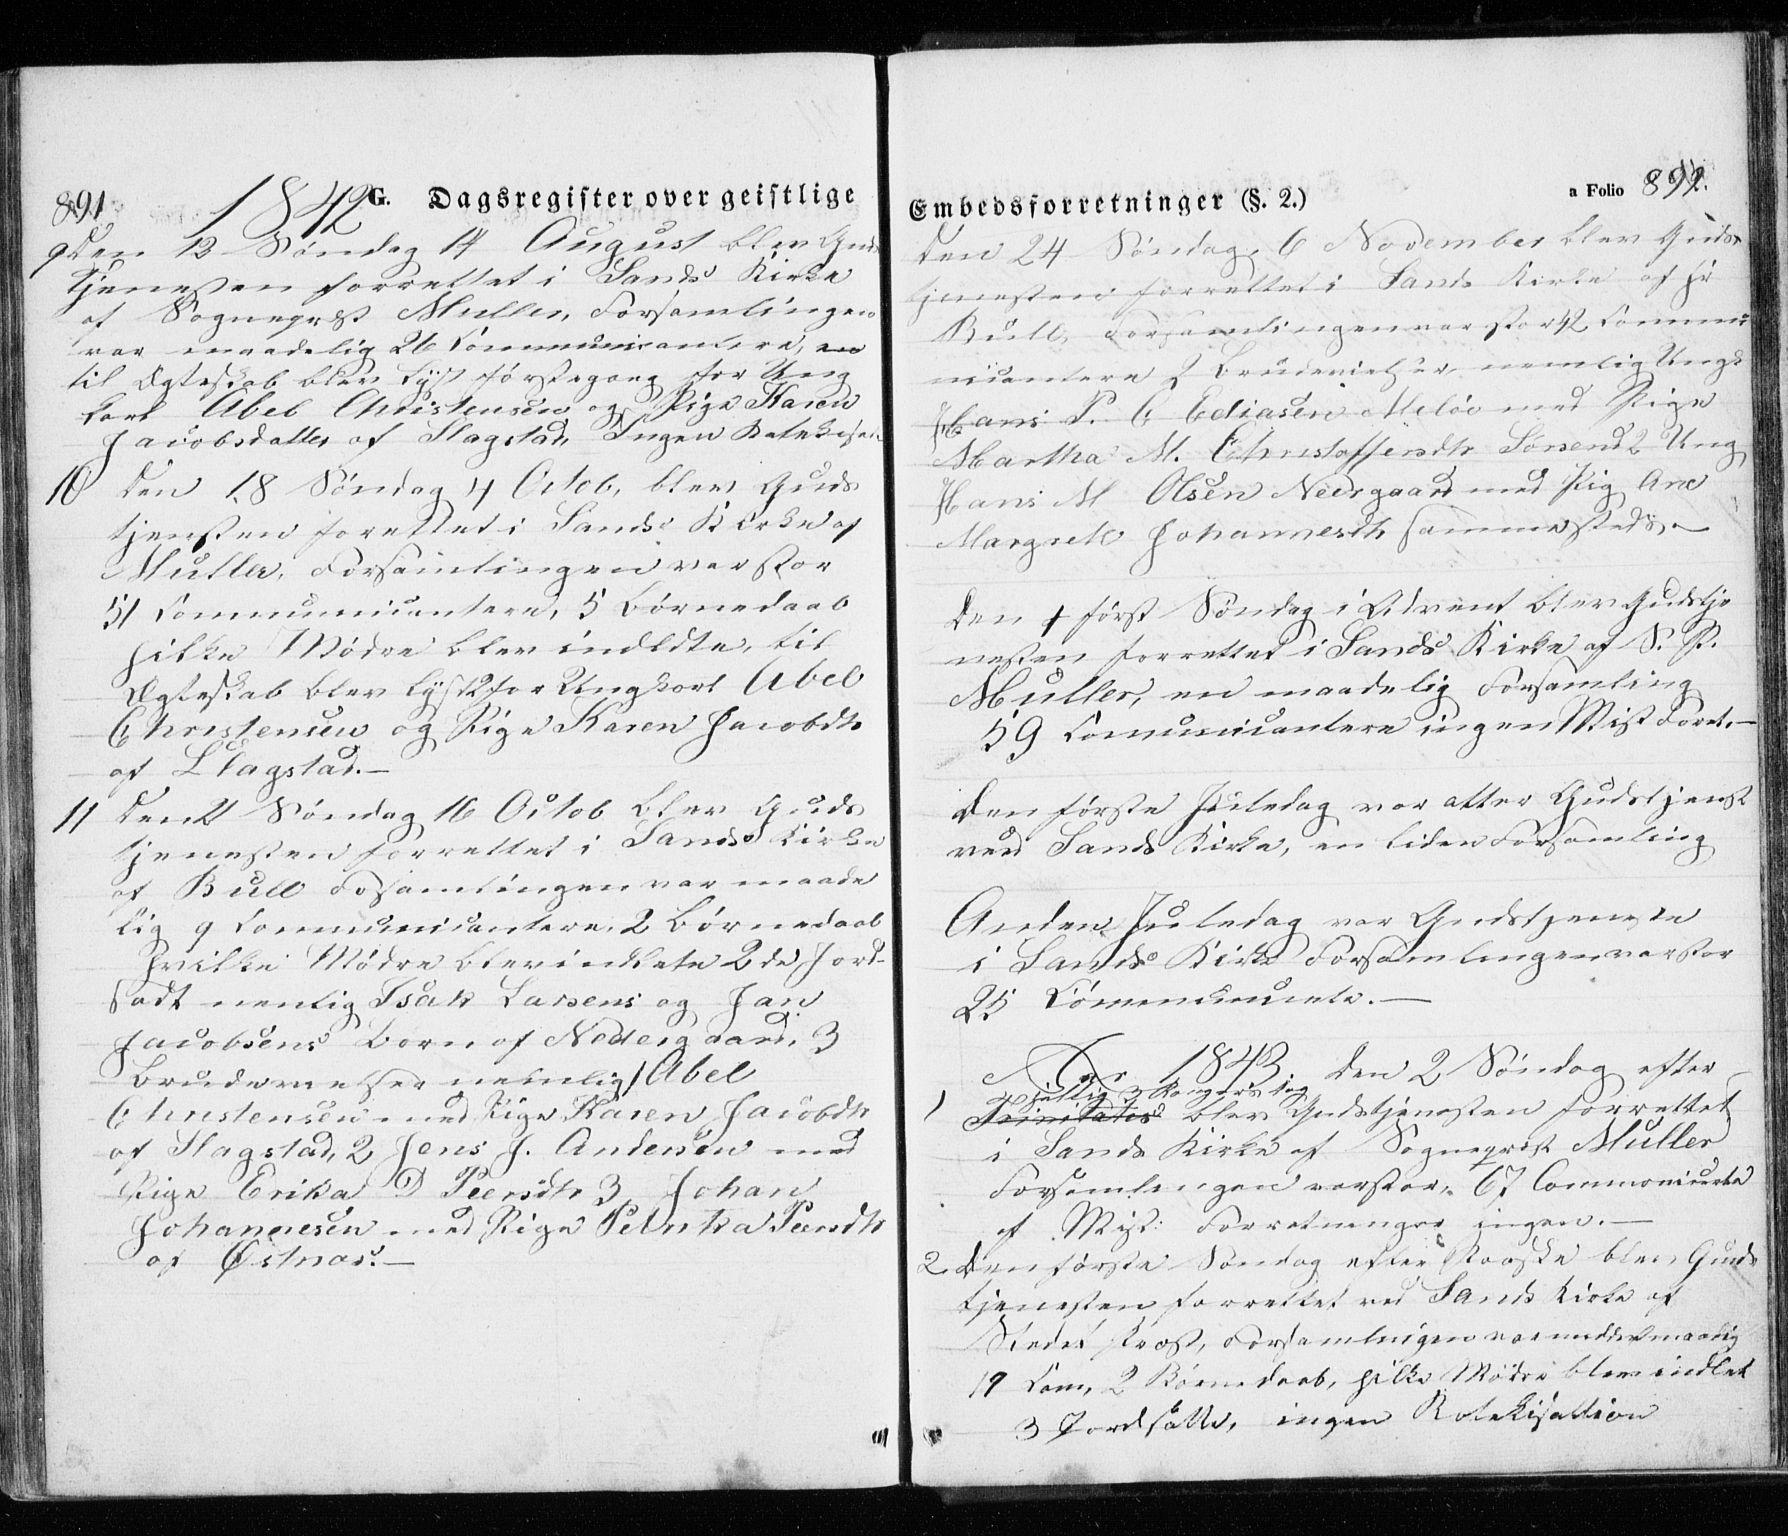 SATØ, Trondenes sokneprestkontor, H/Ha/L0010kirke: Ministerialbok nr. 10, 1840-1865, s. 891-892